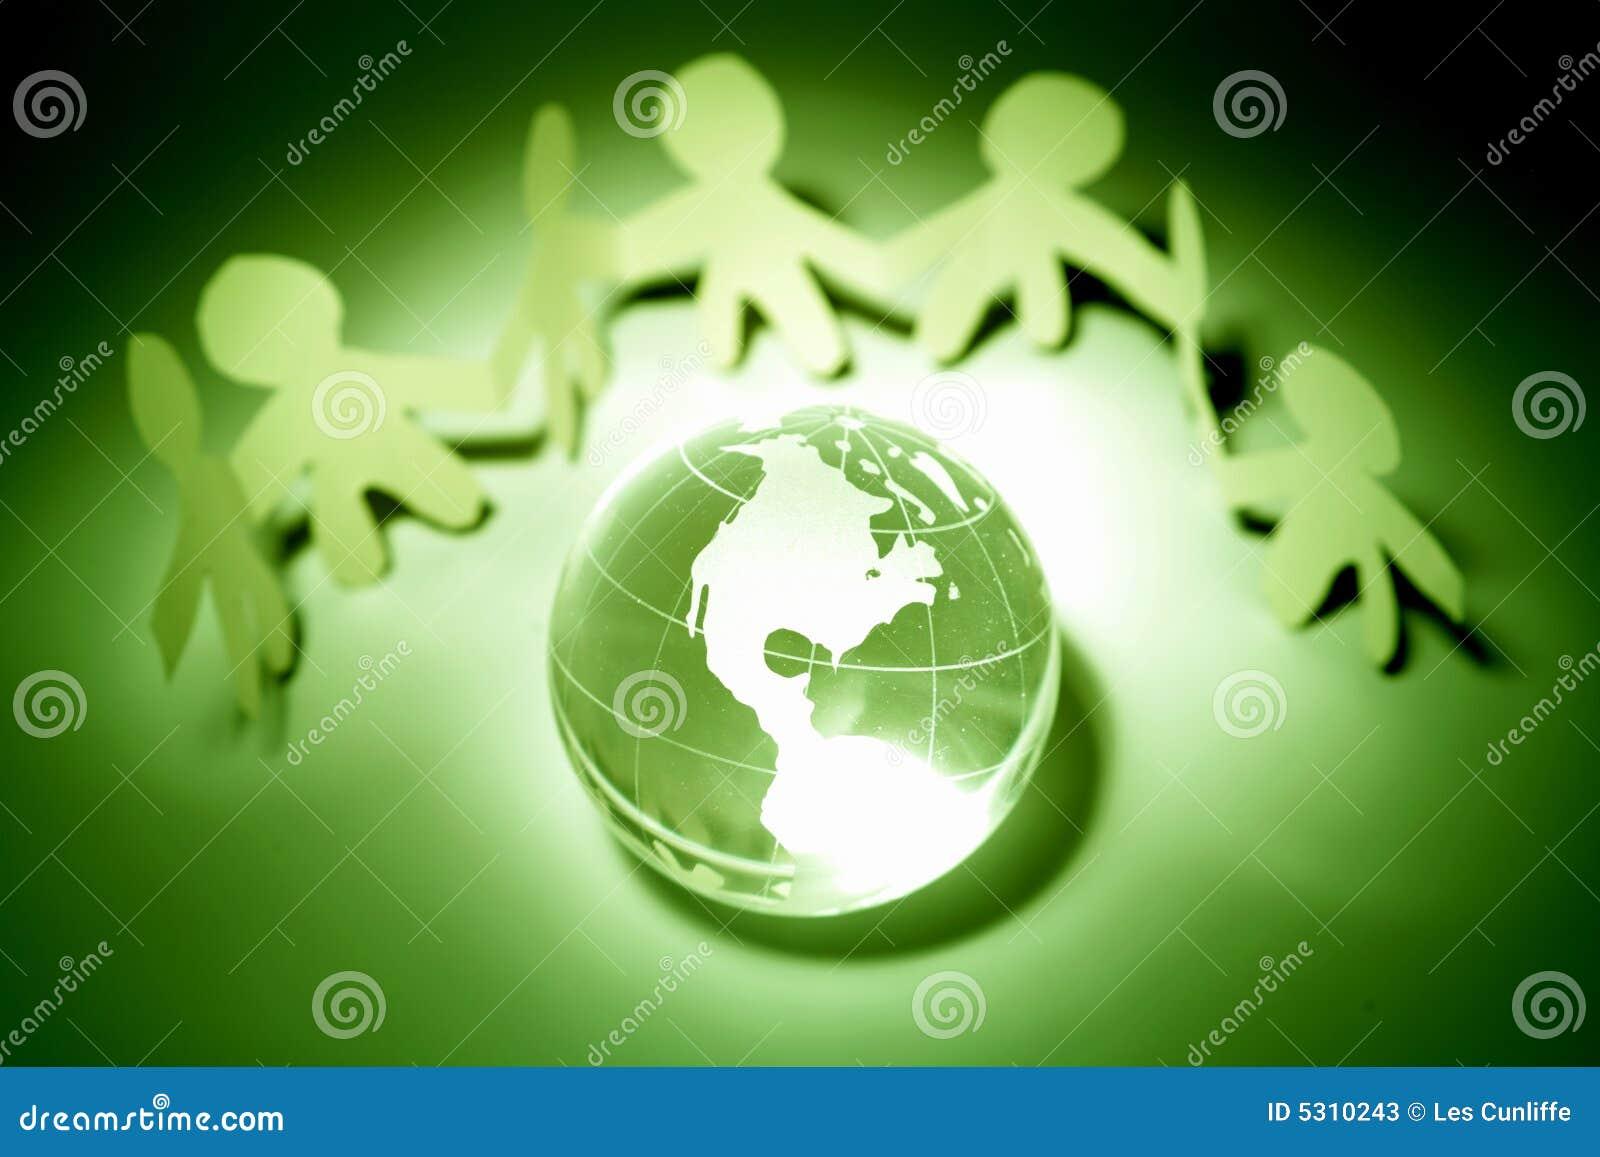 Download Squadra e globo immagine stock. Immagine di allegory, ambientale - 5310243